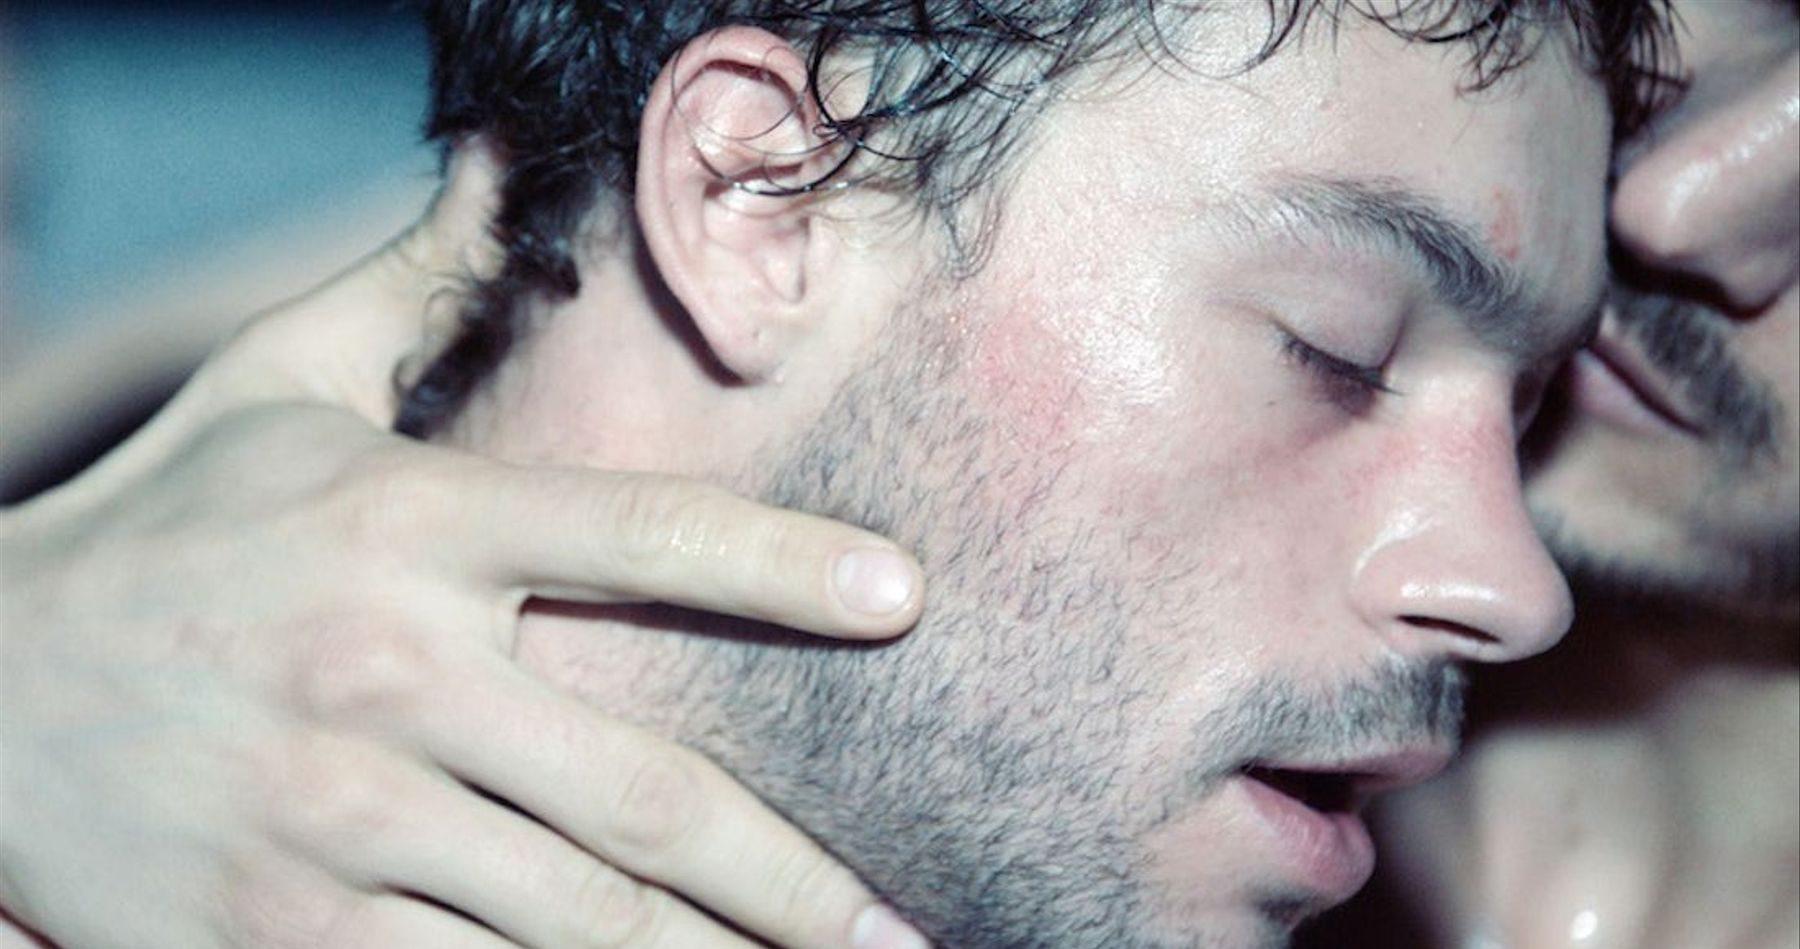 İzleyin: Seks İşçisi Bir Erkeğin Hayatını Anlatan Sauvage Filmi Cannes'a Damga Vurdu!